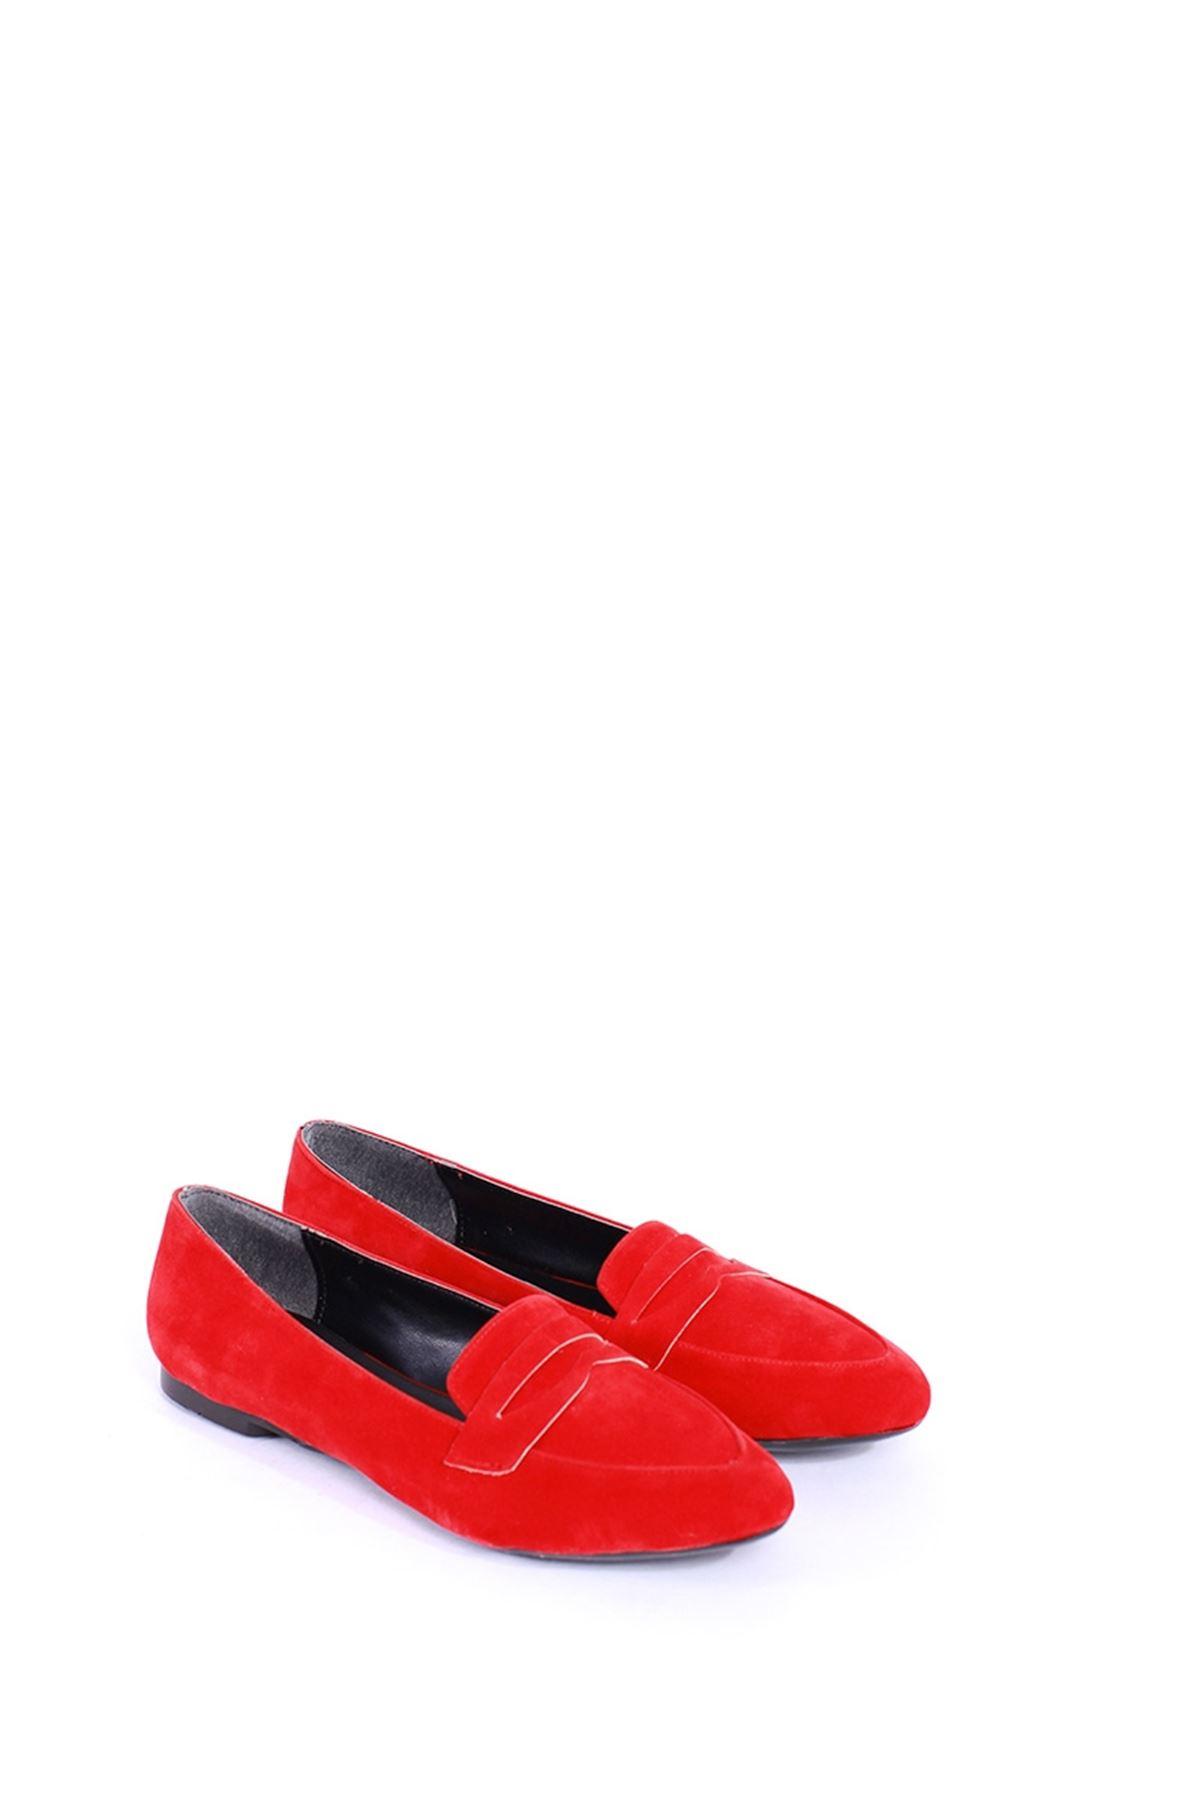 Bella Kırmızı Süet Rahat Bayan Ayakkabı